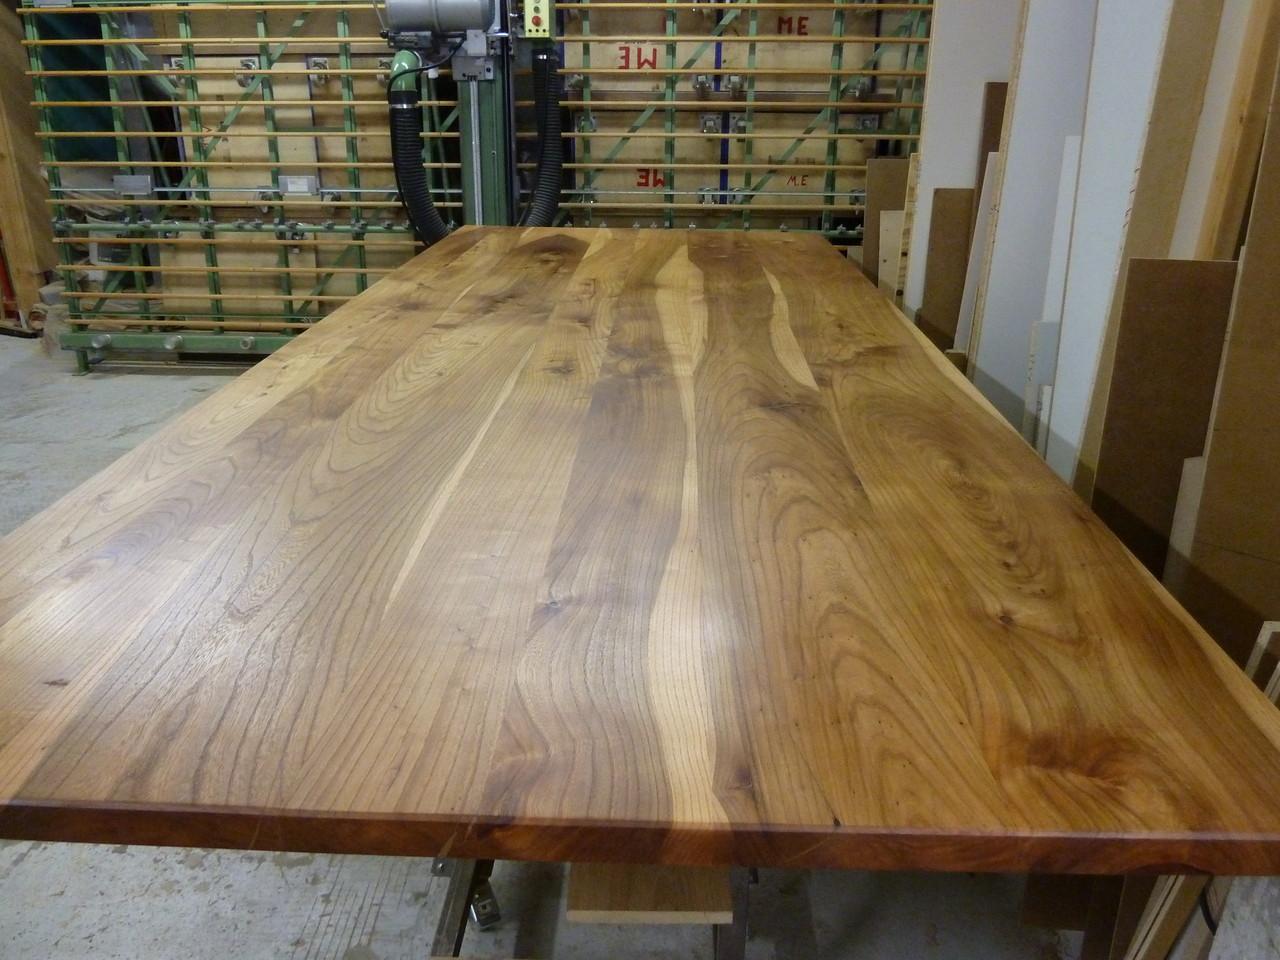 große Tischplatte aus Rüster, 3,00m länge x 1,30m breite x  40mm stärke